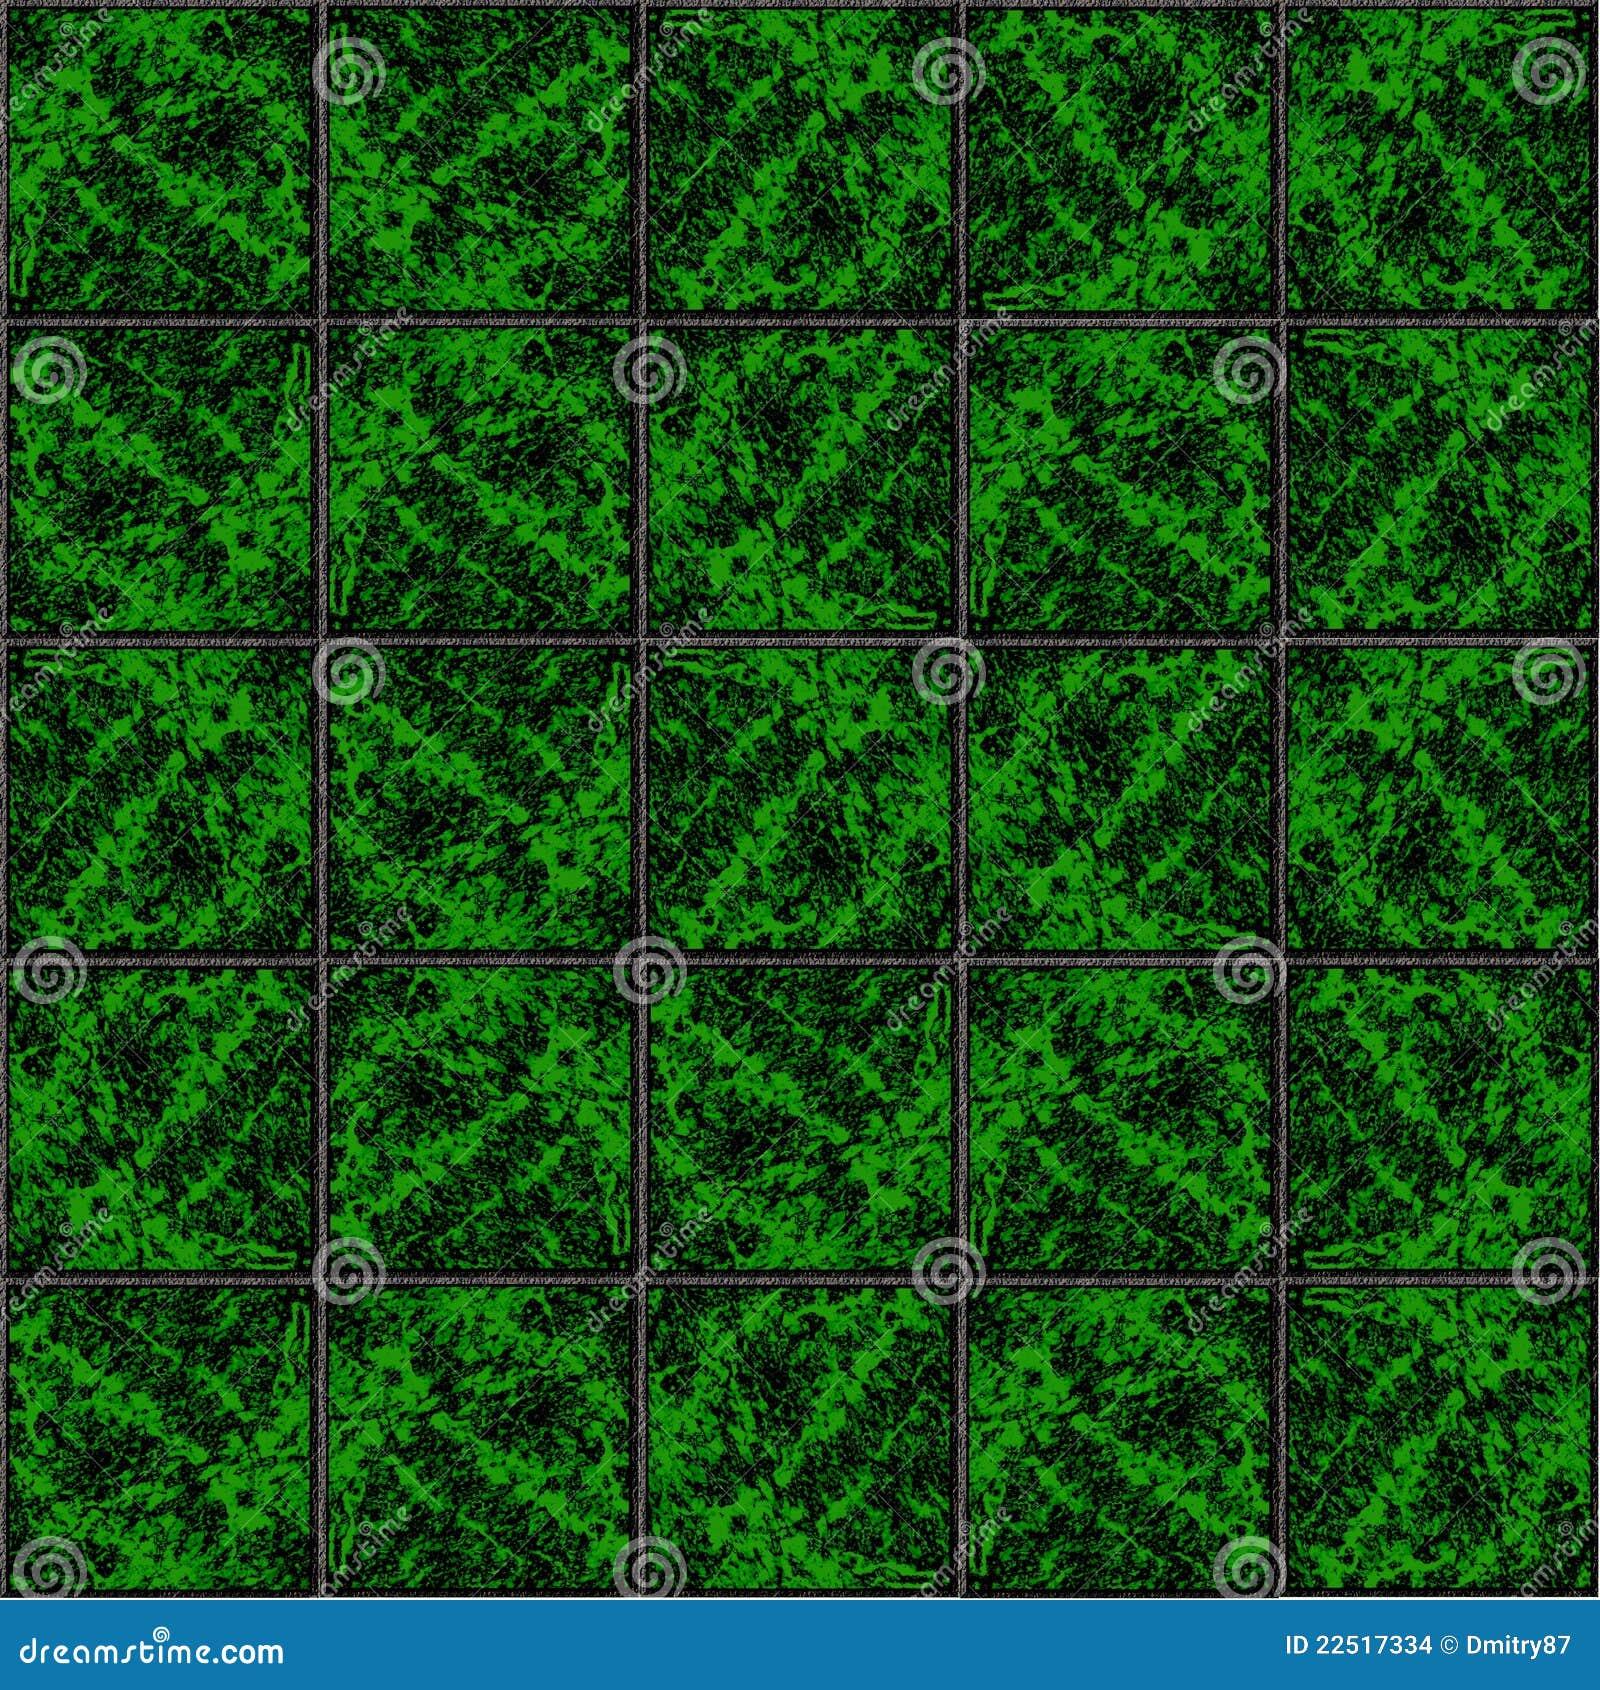 Azulejos Baño Verdes:Azulejo Verde Imagenes de archivo – Imagen: 22517334